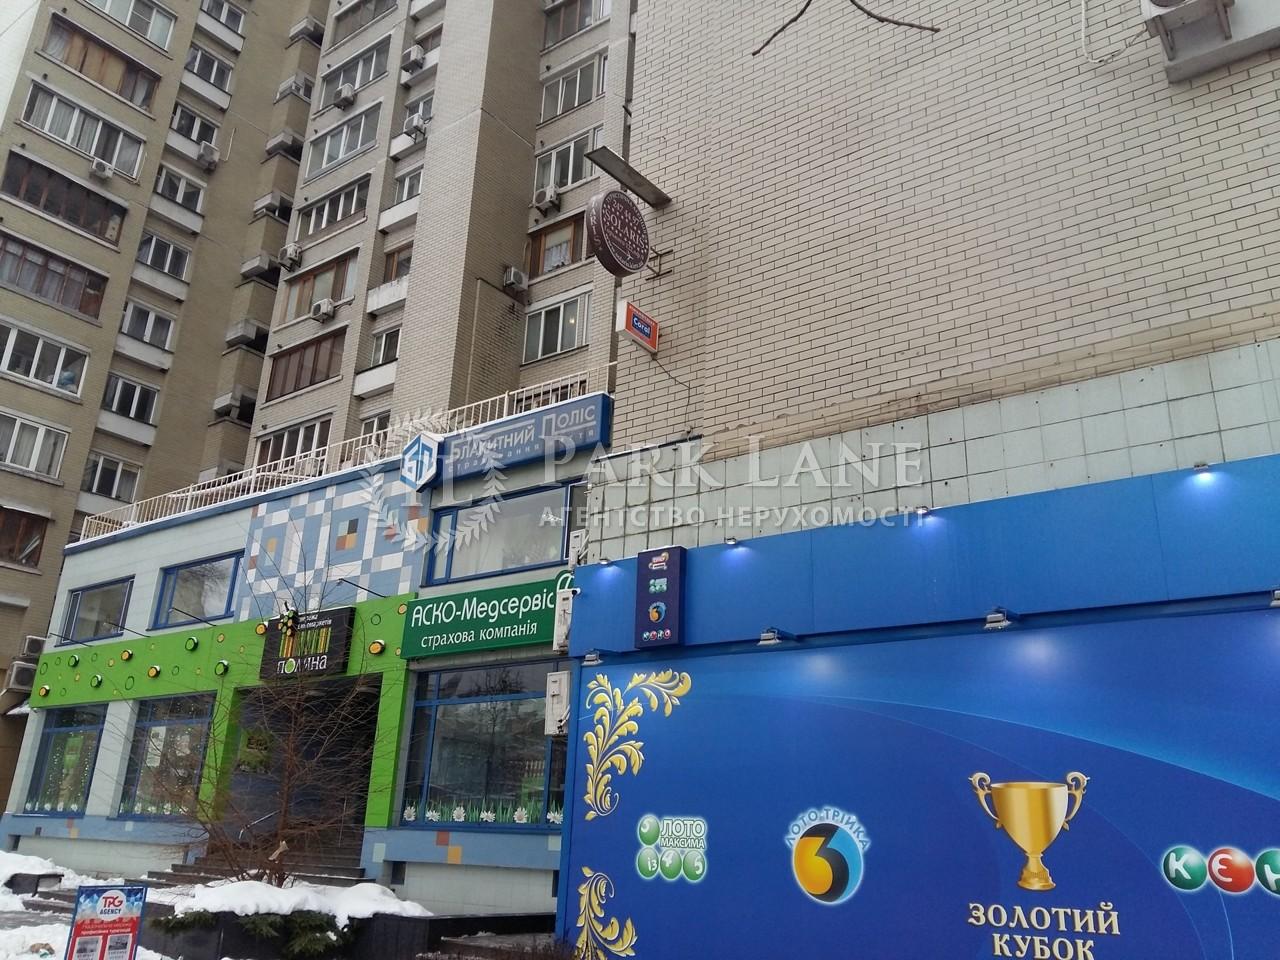 Ресторан, ул. Антоновича (Горького), Киев, B-86673 - Фото 19